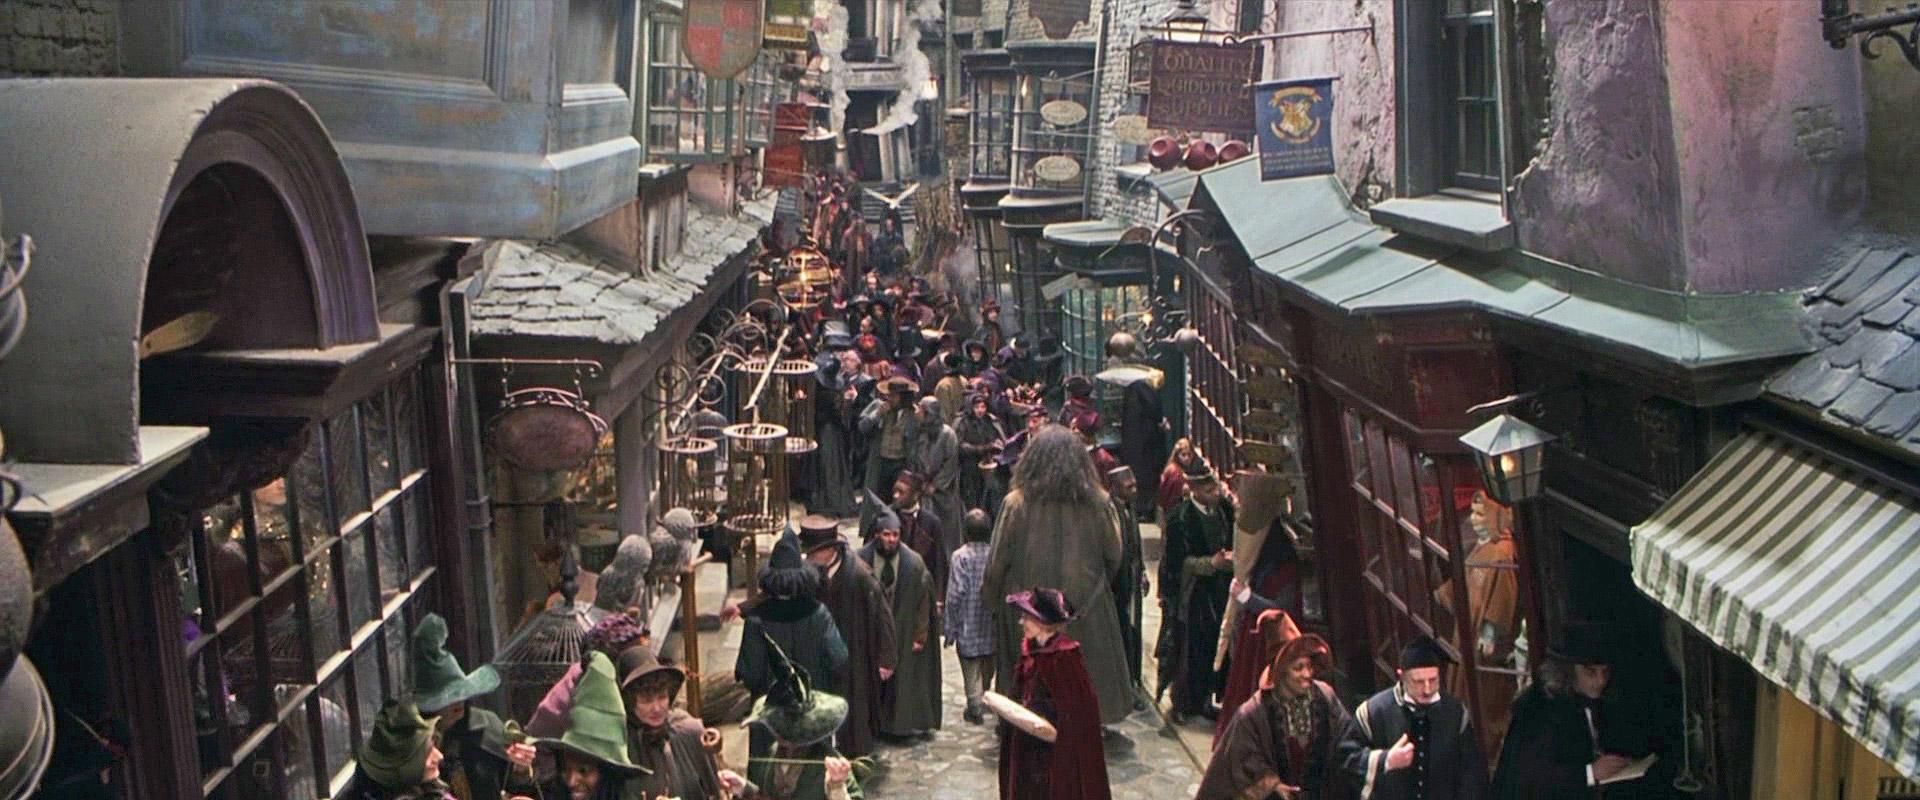 Где снимали Гарри Поттера Косой переулок Лиденхолл-маркет